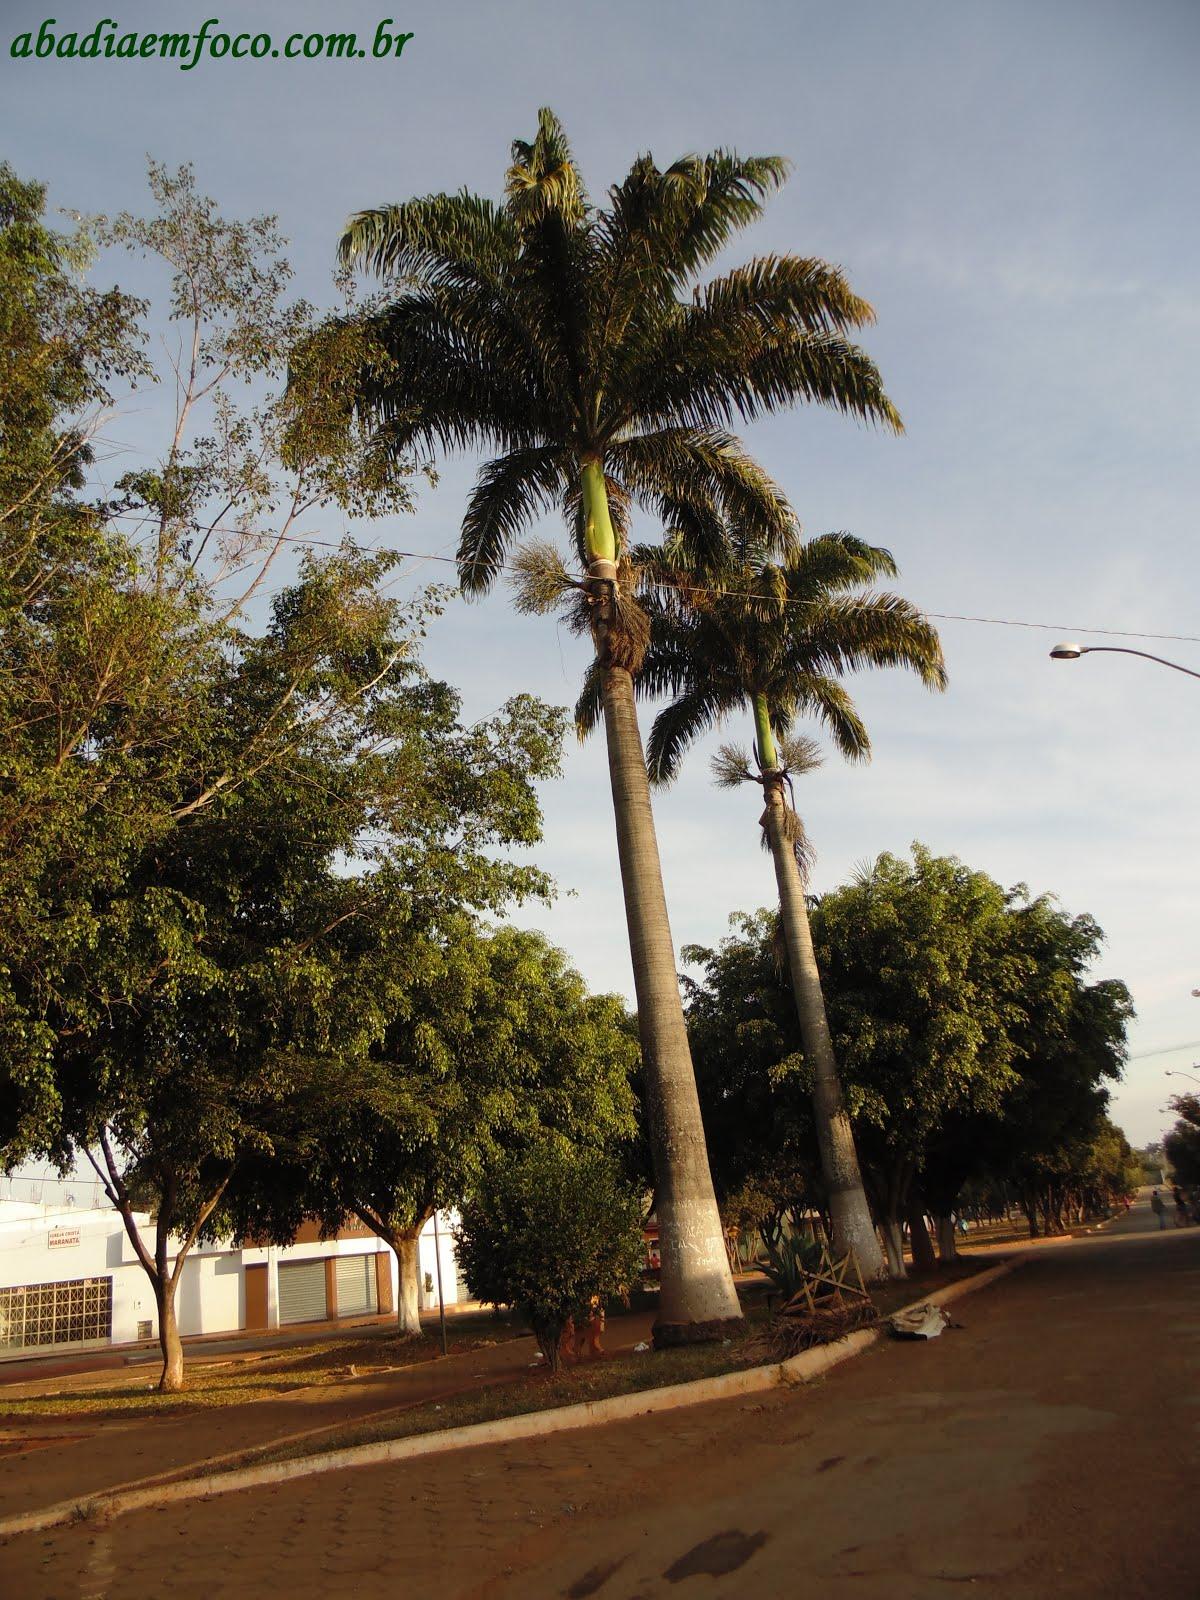 Ibitira City